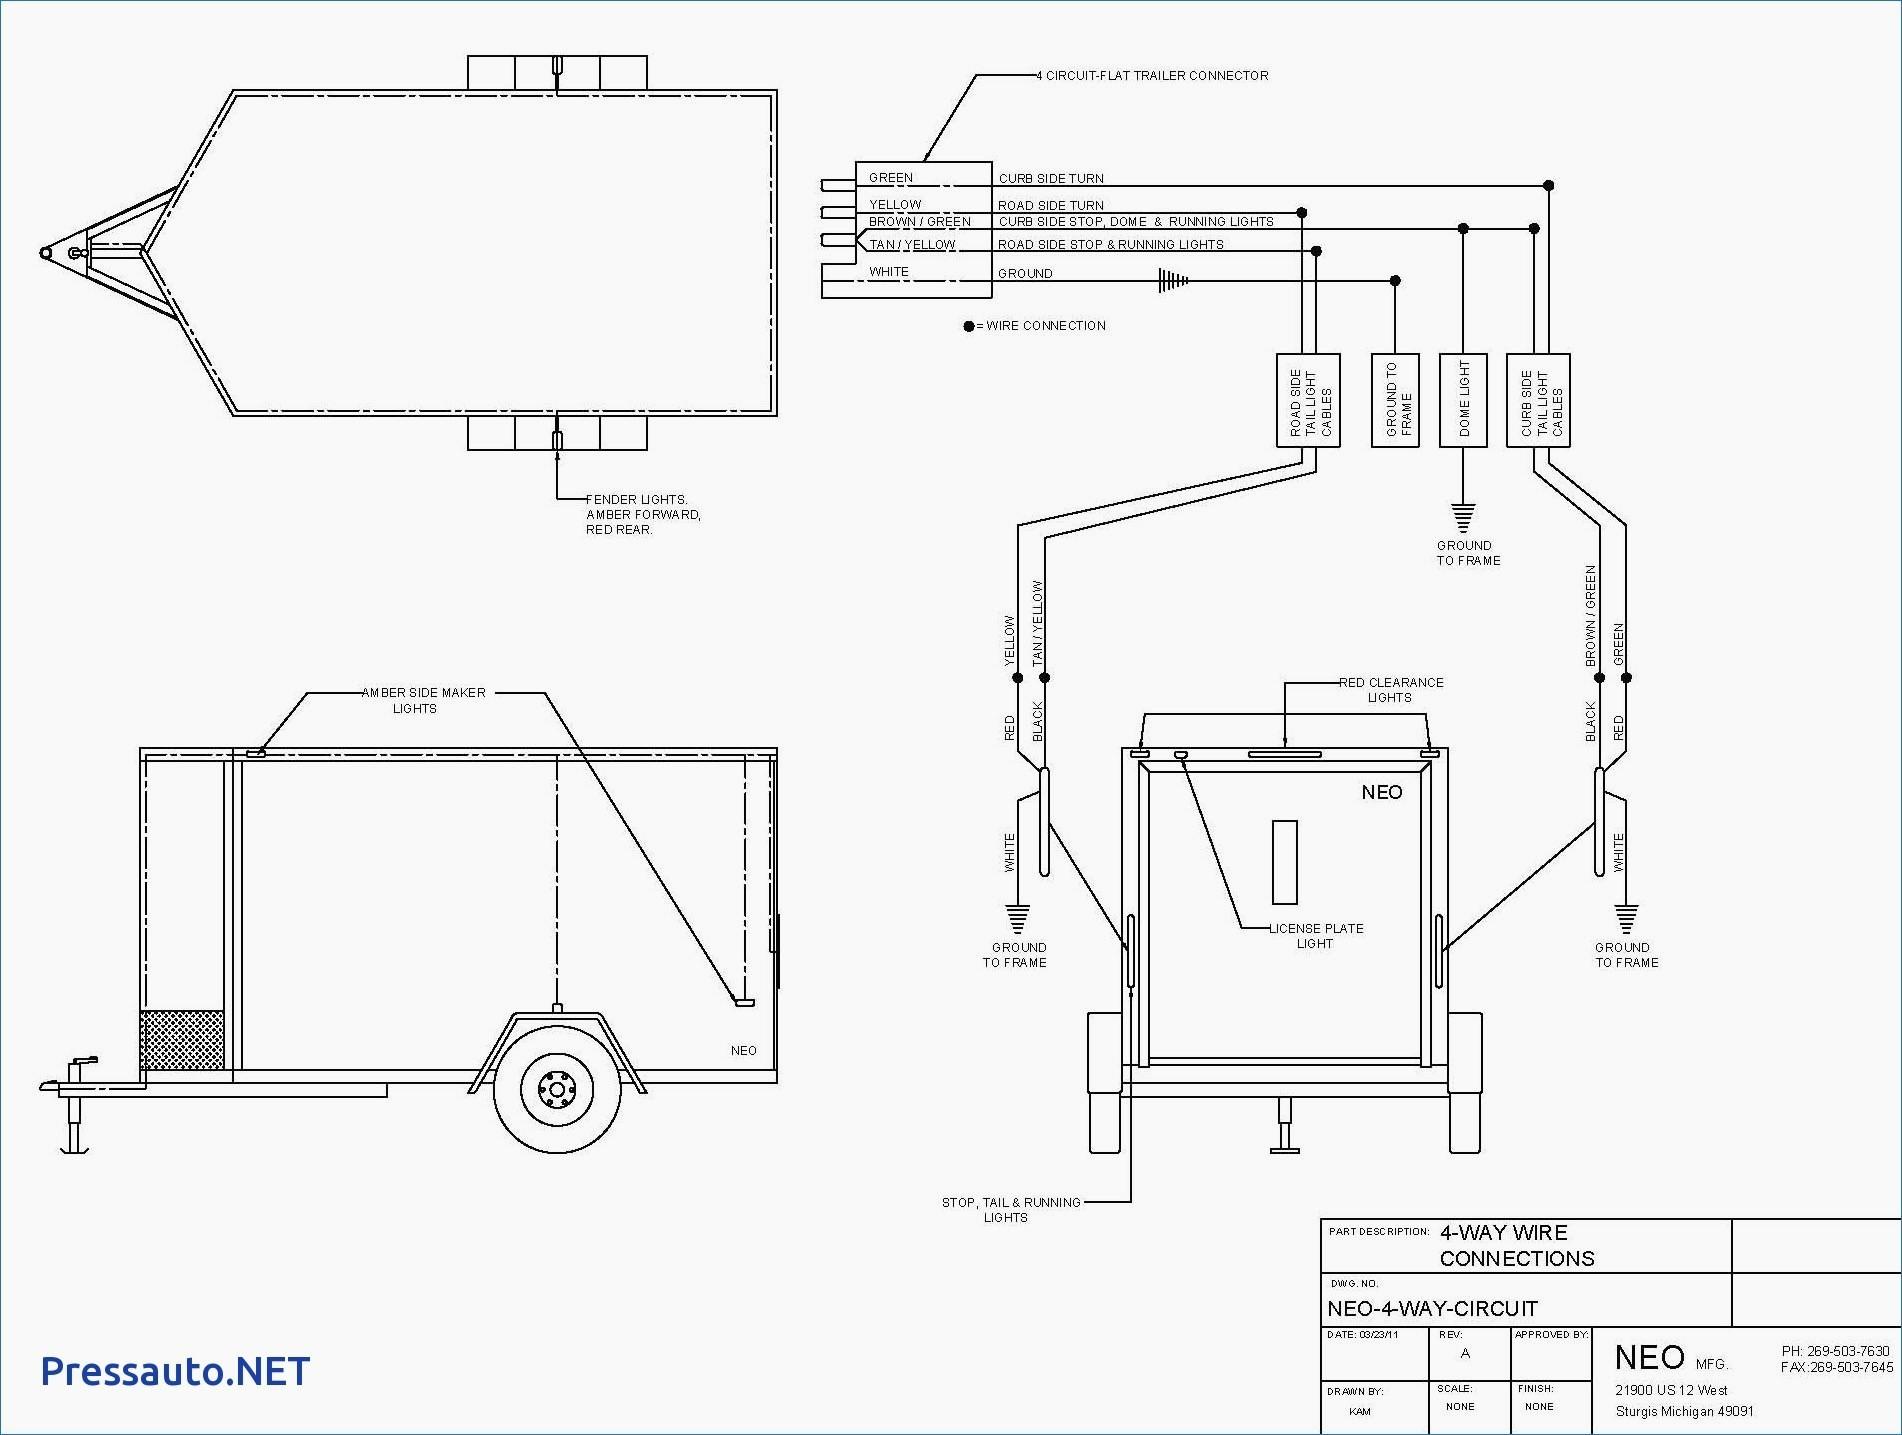 Trailer Connector Wiring Diagram Luxury Wiring Diagram Big Tex Trailer Copy Fantastic Big Tex Trailer